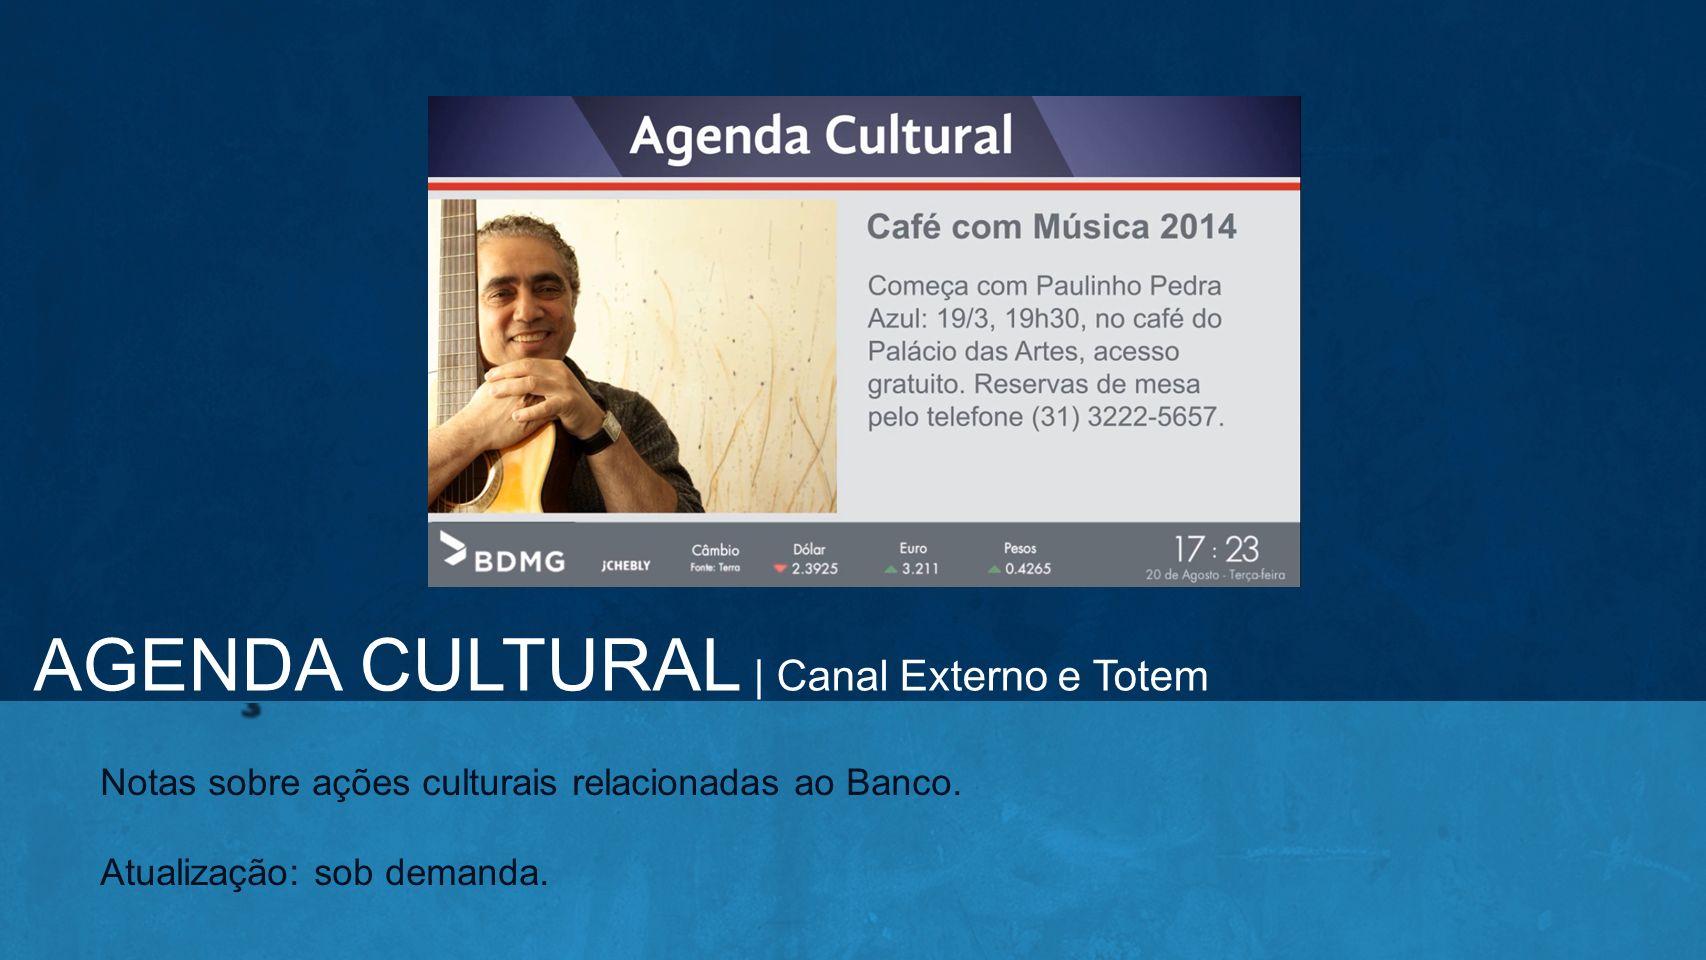 AGENDA CULTURAL | Canal Externo e Totem